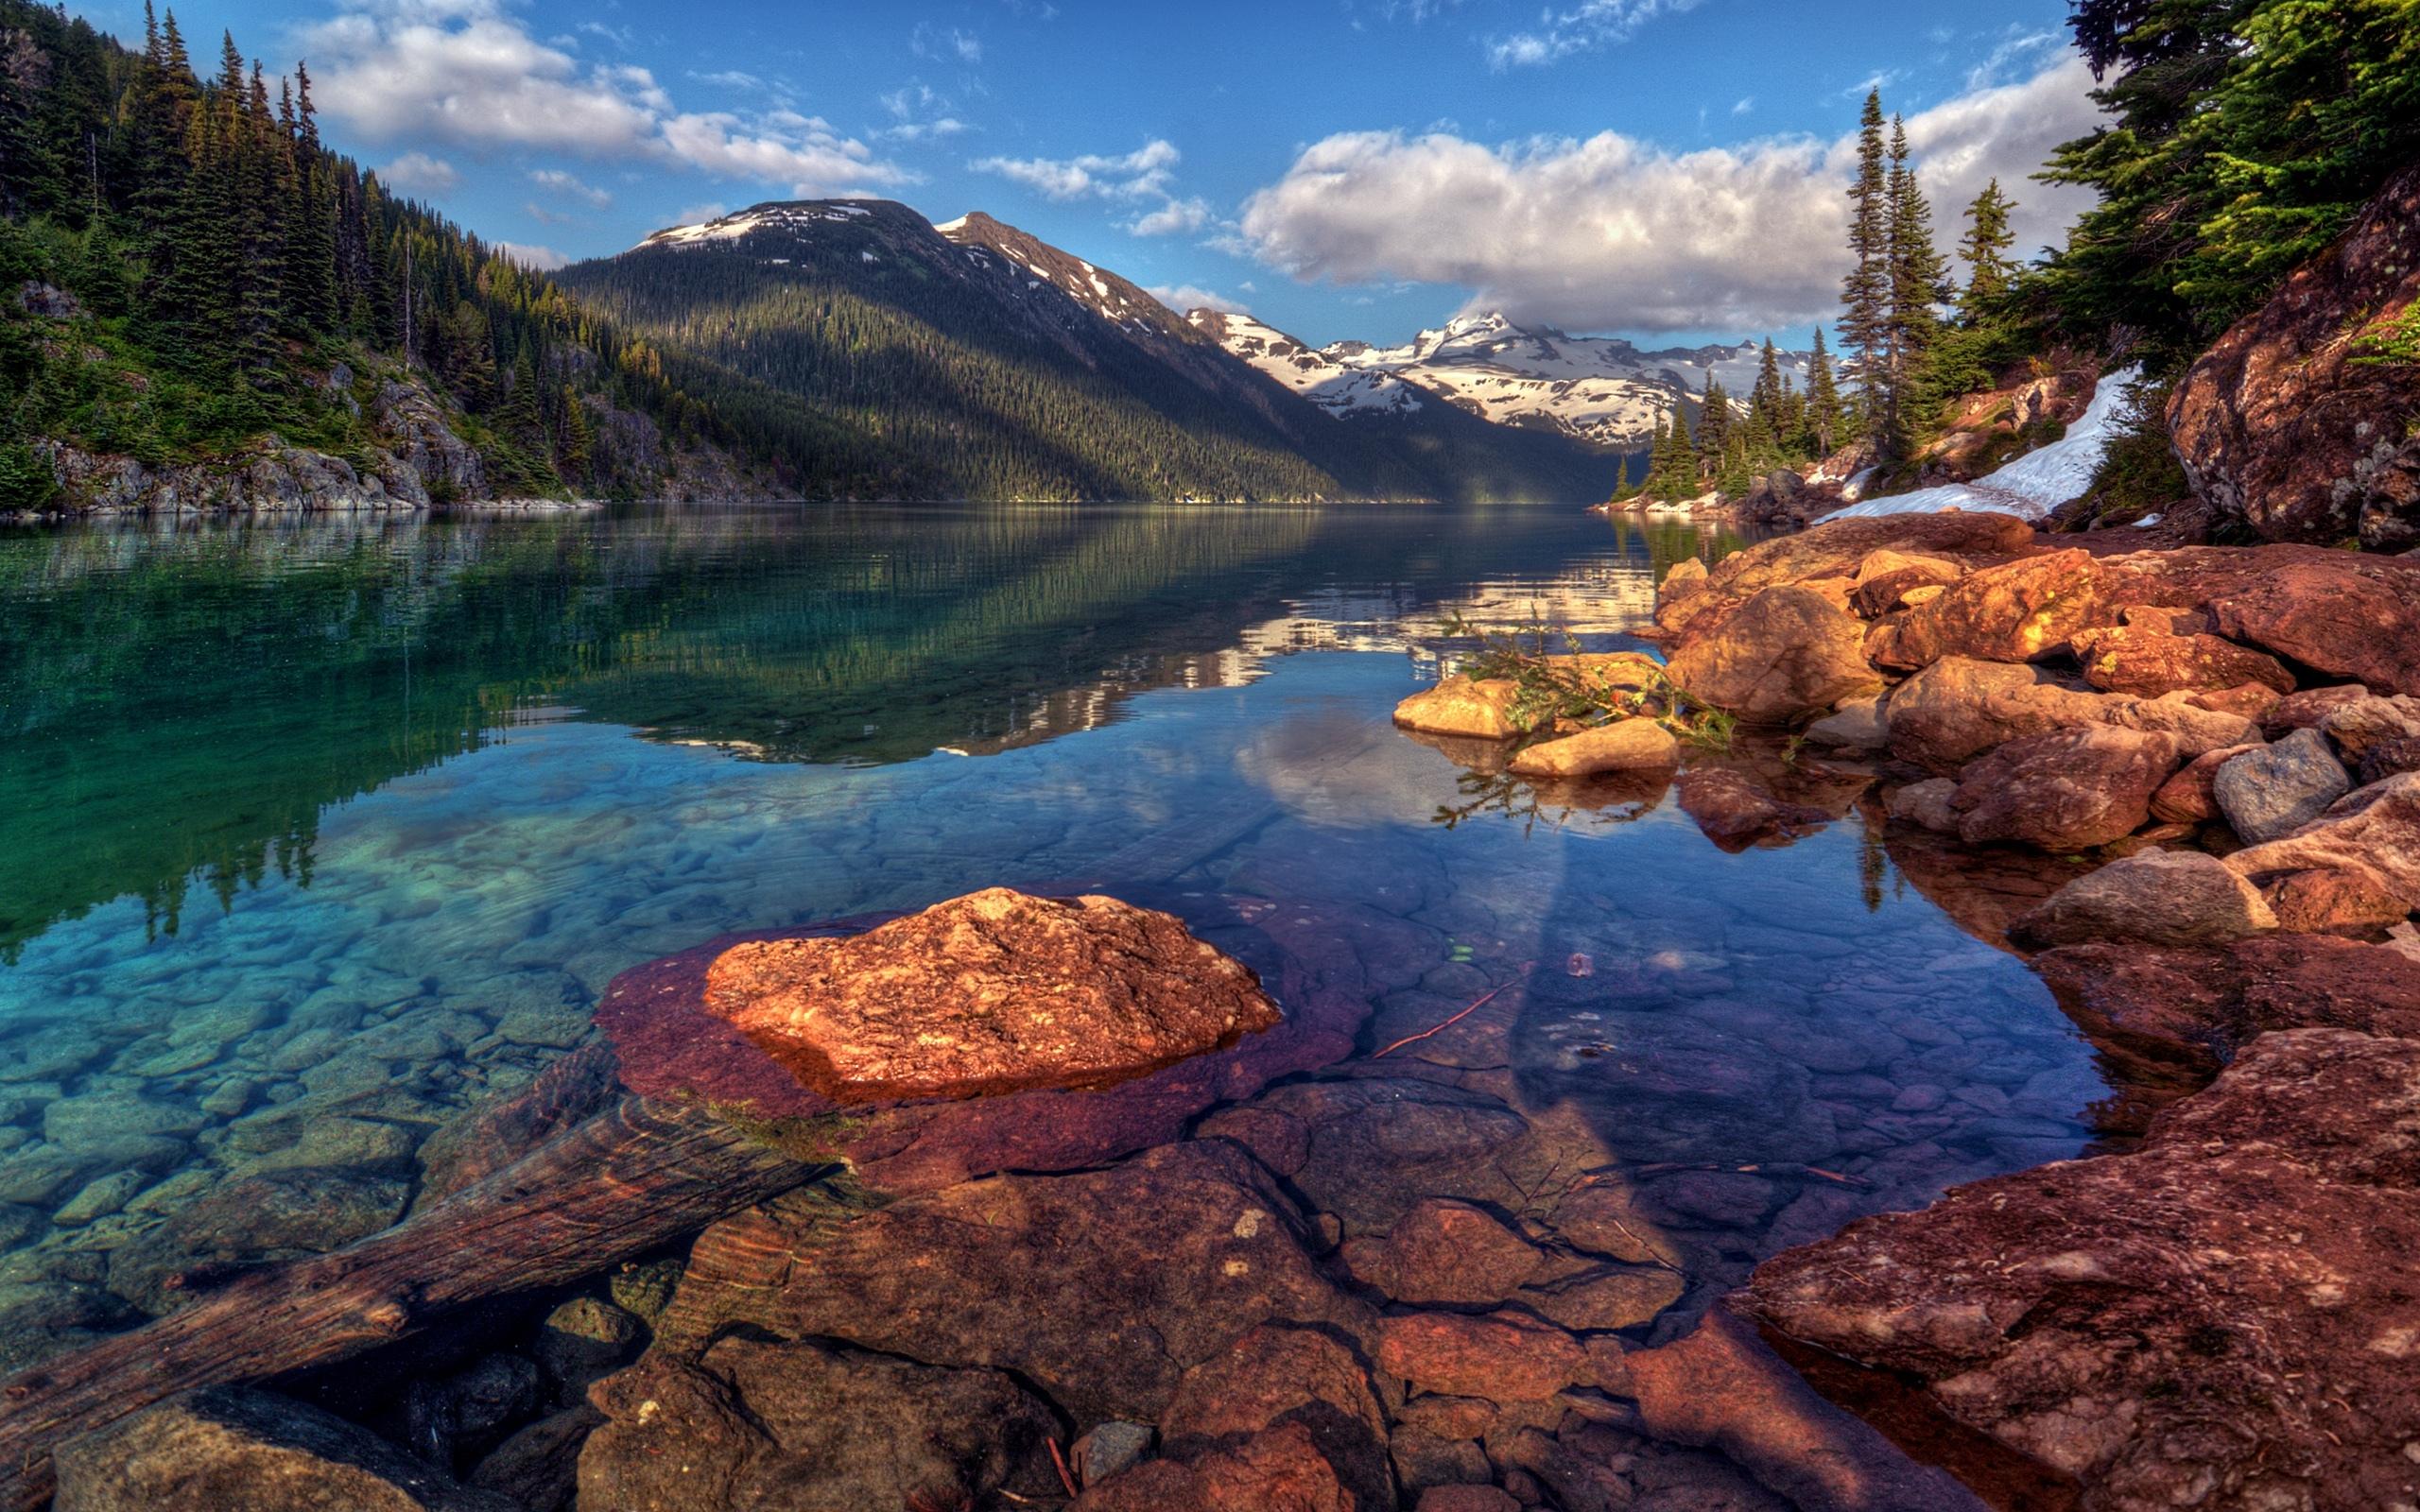 39201 Заставки и Обои Озера на телефон. Скачать Озера, Пейзаж, Горы картинки бесплатно